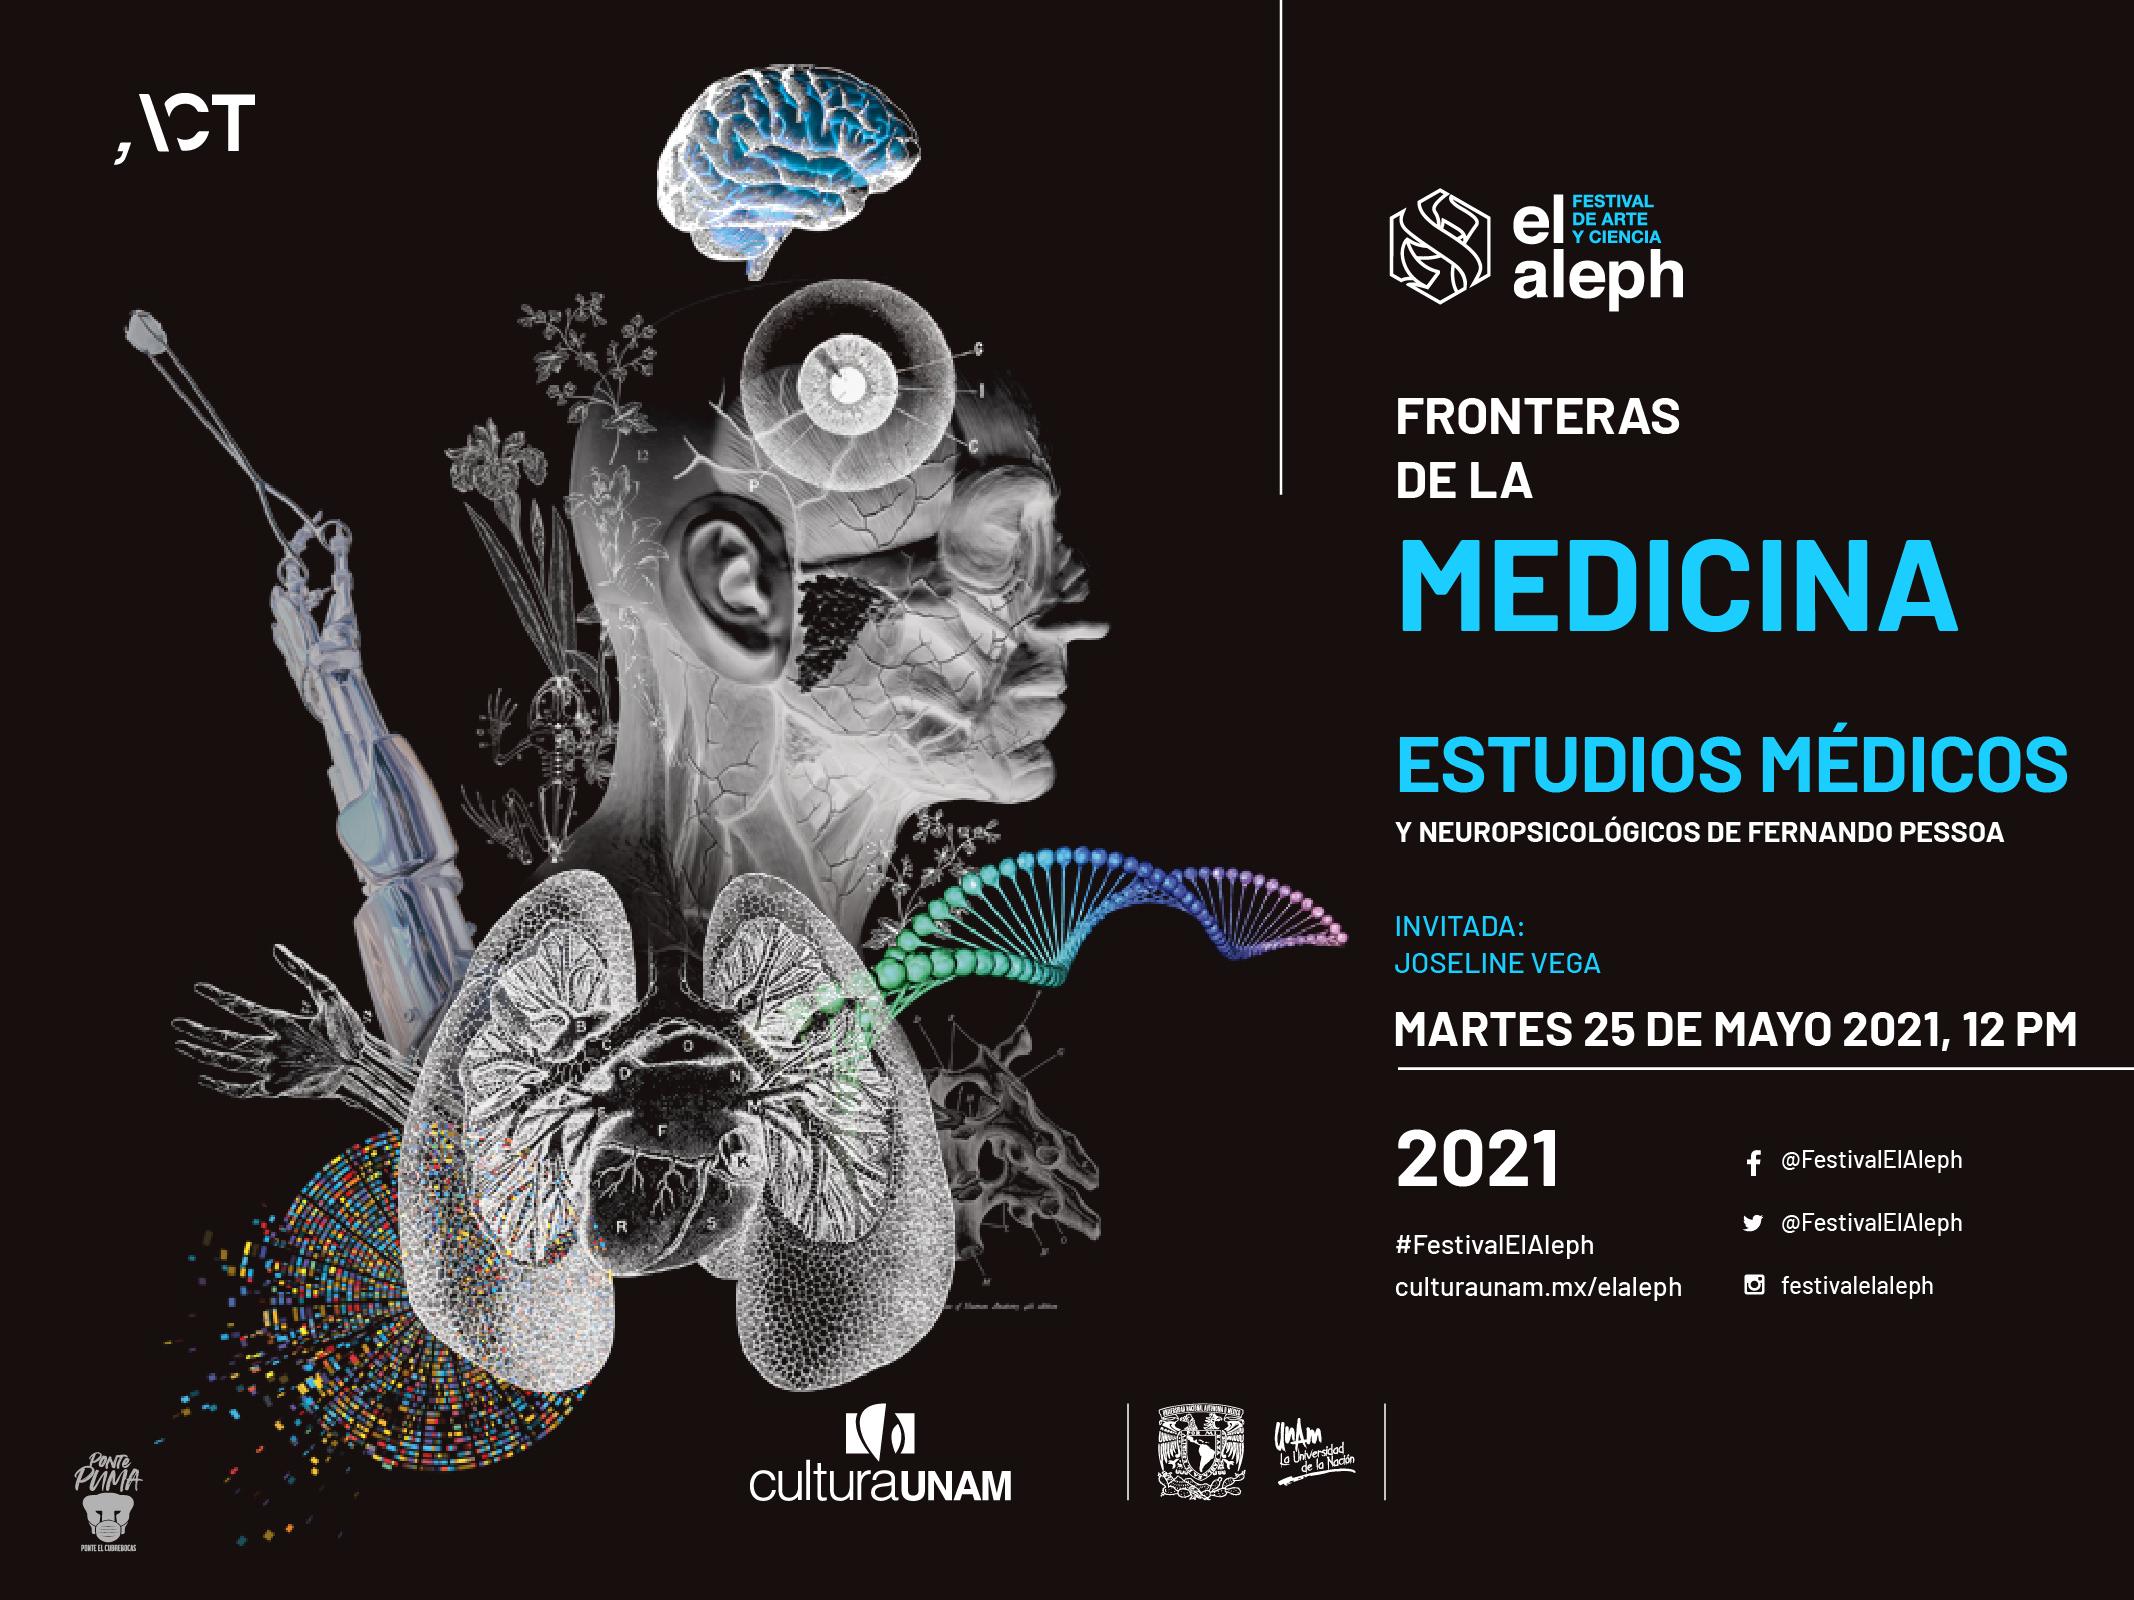 Estudios médicos y neuropsicológicos de Fernando Pessoa